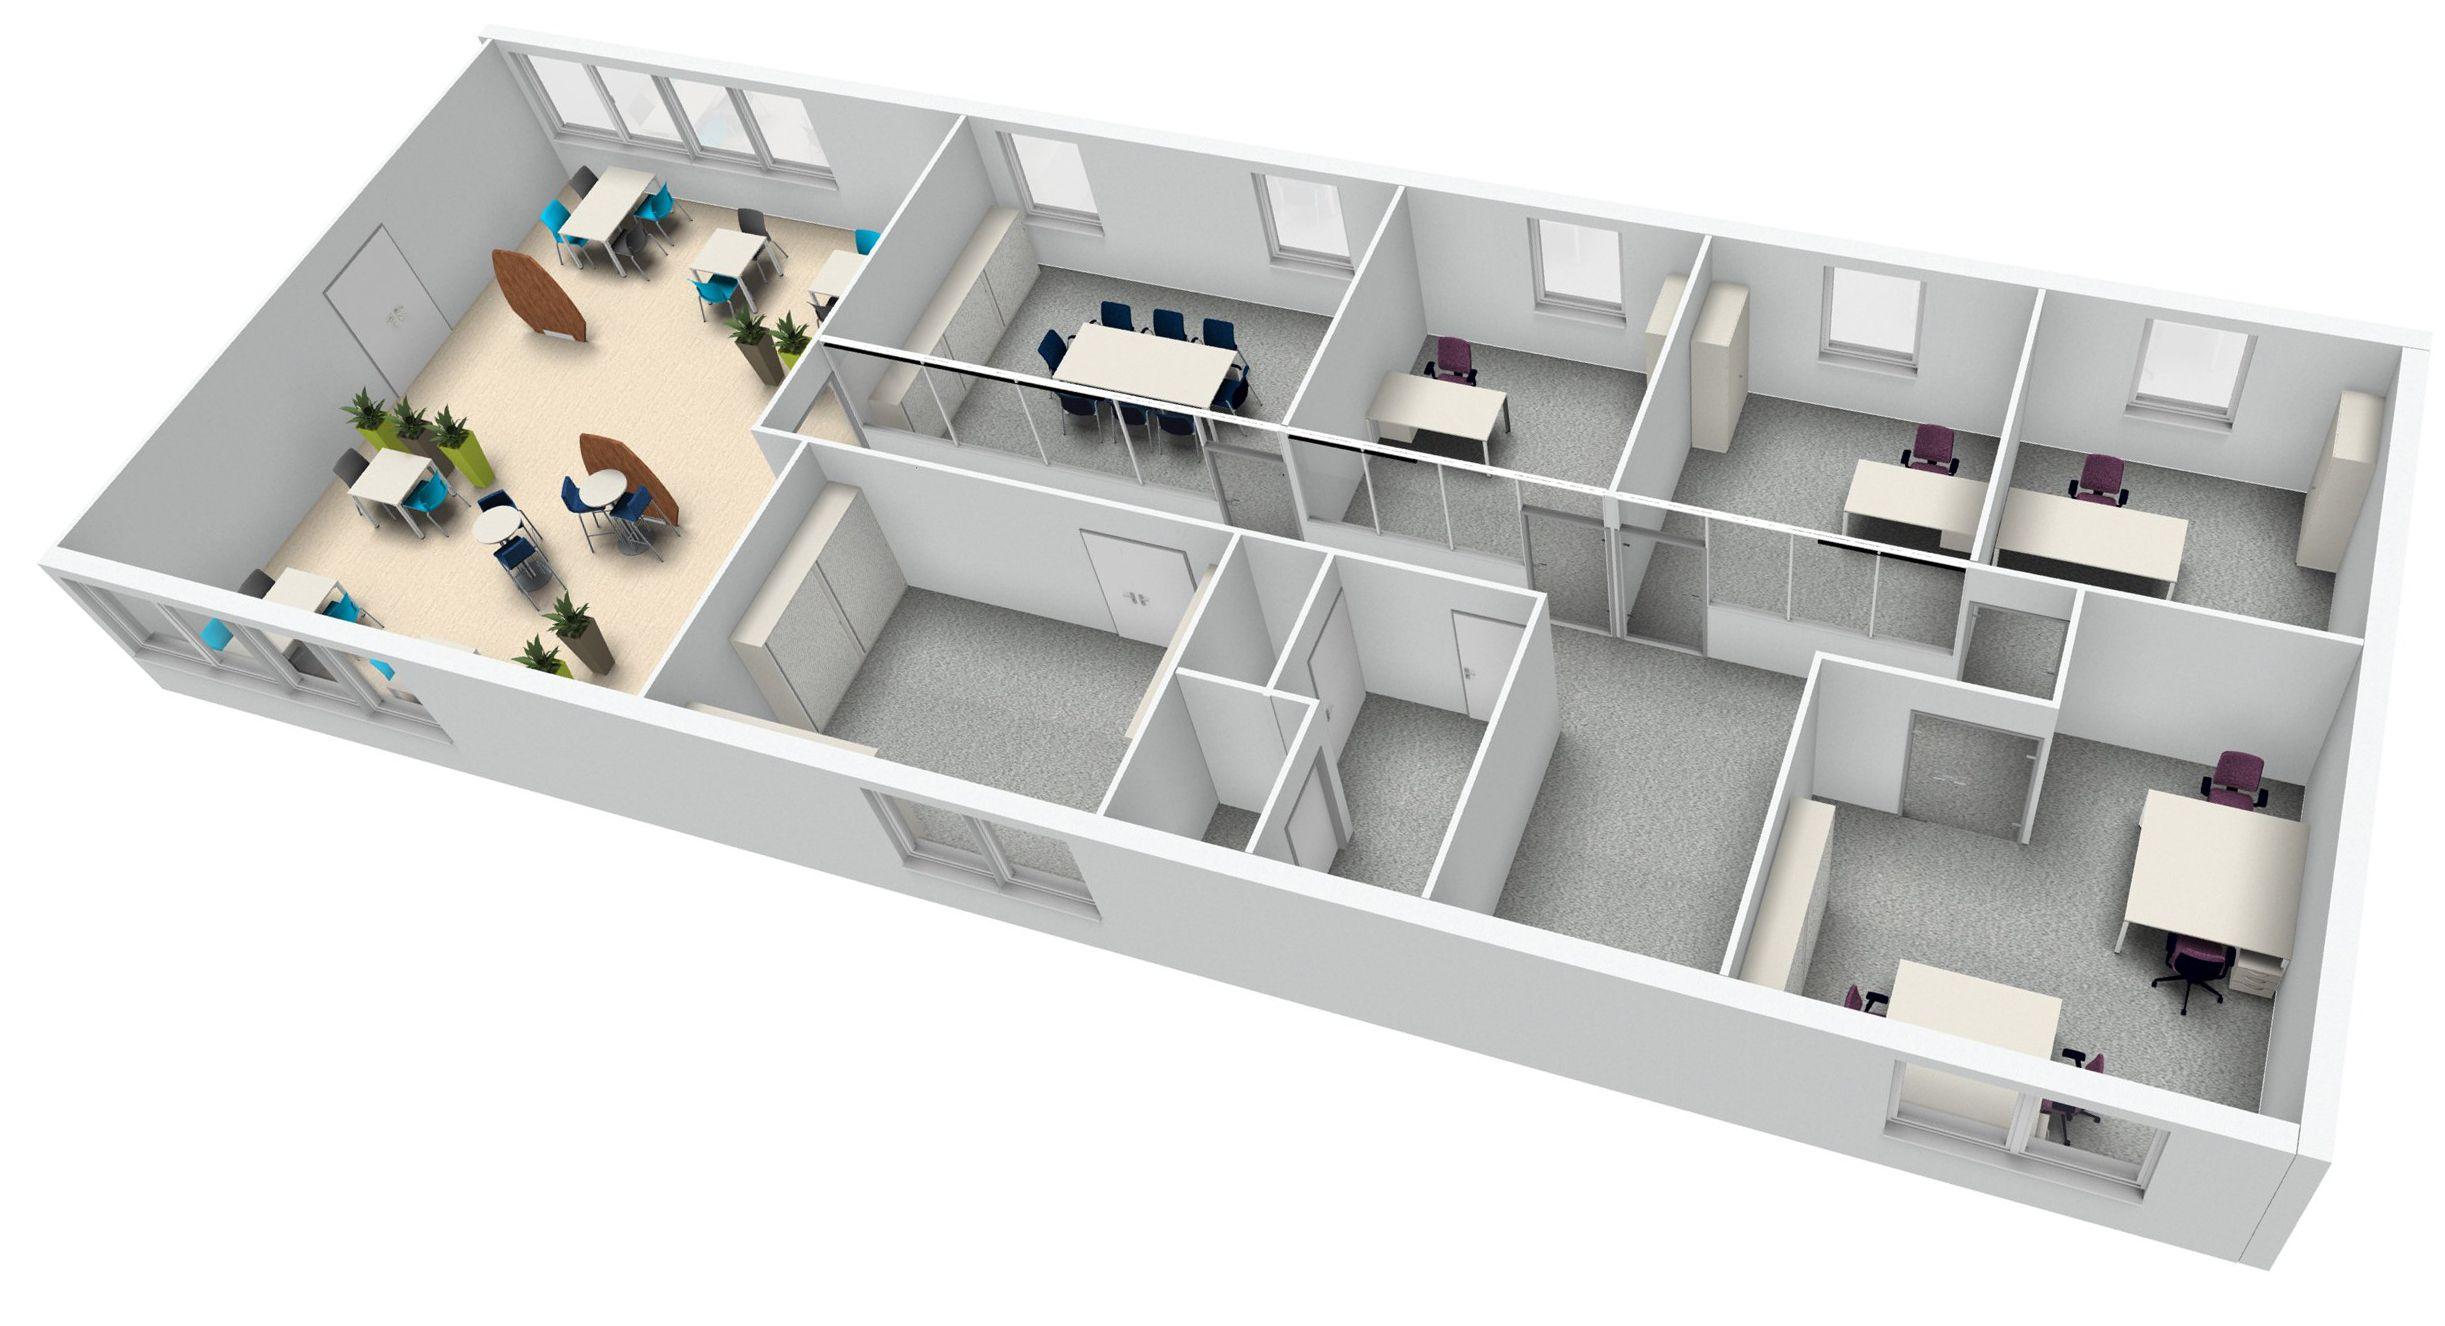 Bureau Plan De Travail aménagement d'un plateau de bureau. espace de travail et